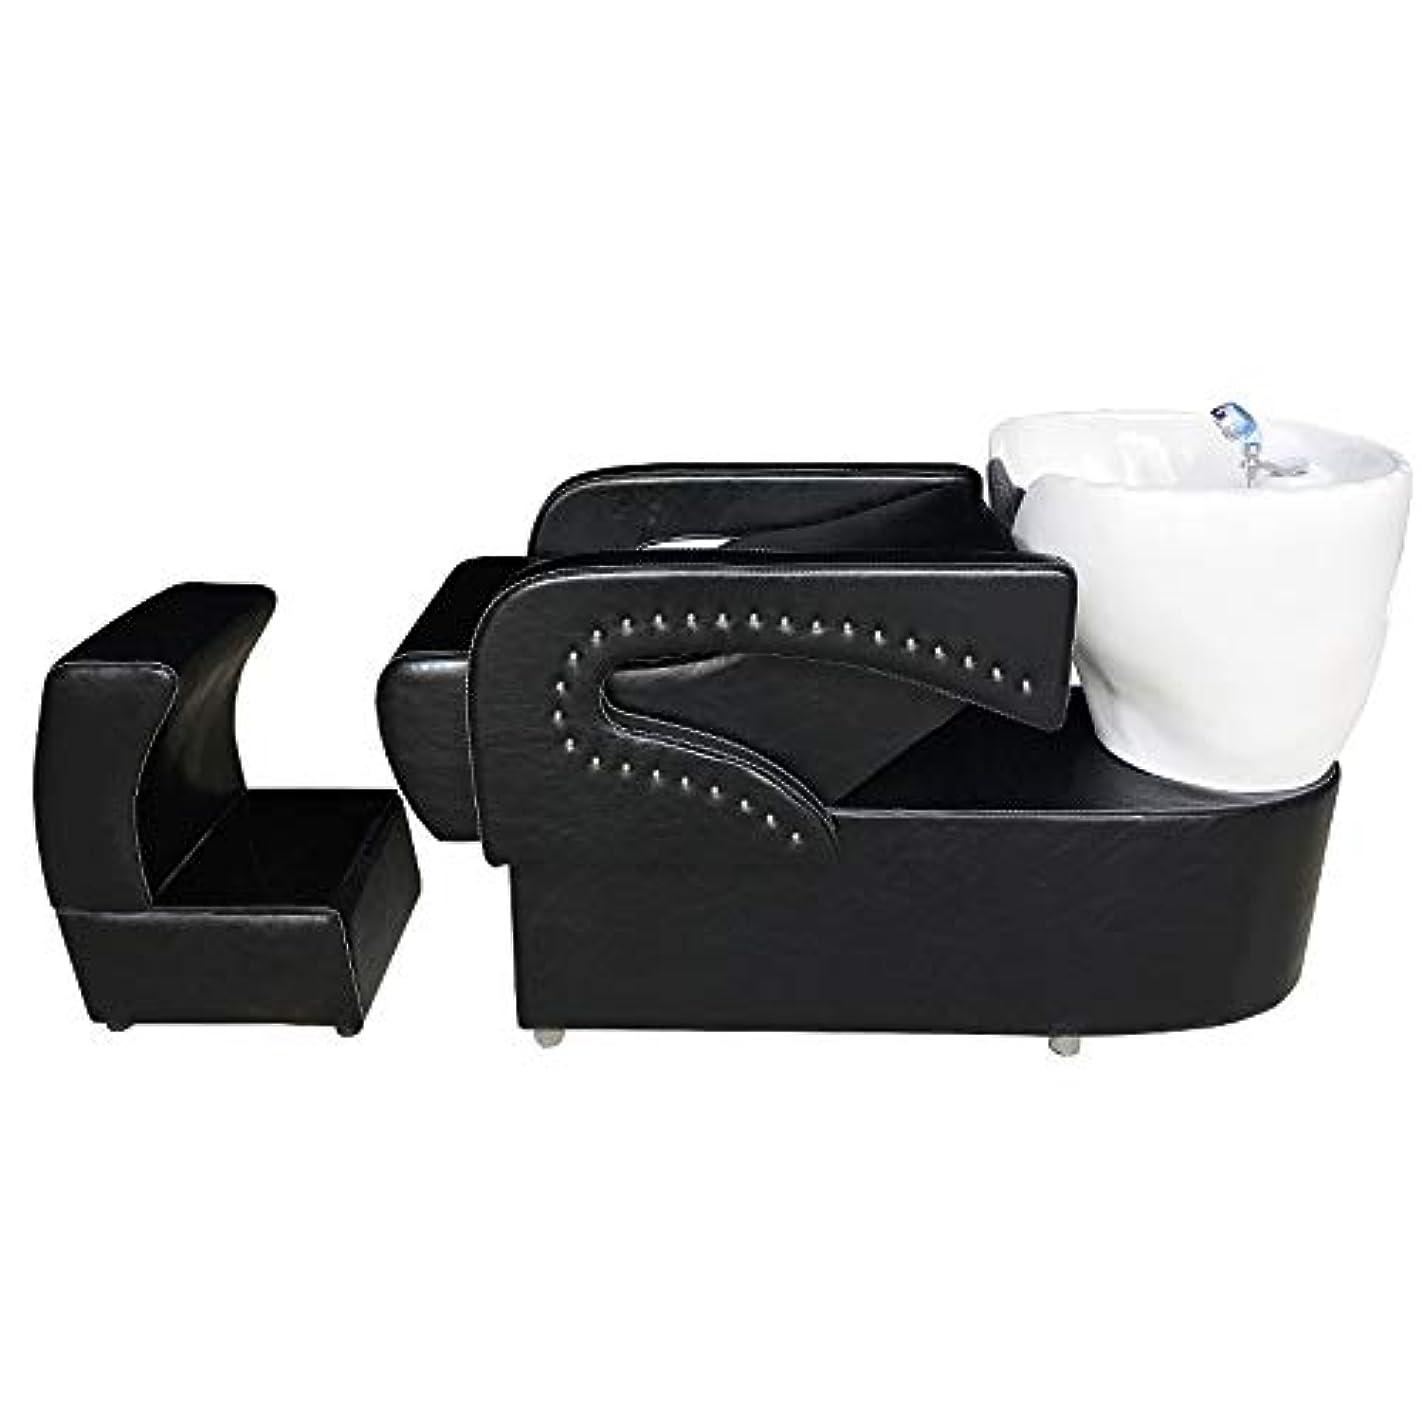 直立美的ラックシャンプーの理髪師の逆洗の椅子、鉱泉の美容院のためのシャンプーボールの流しの椅子は半くぼみのフラッシュベッドを流します